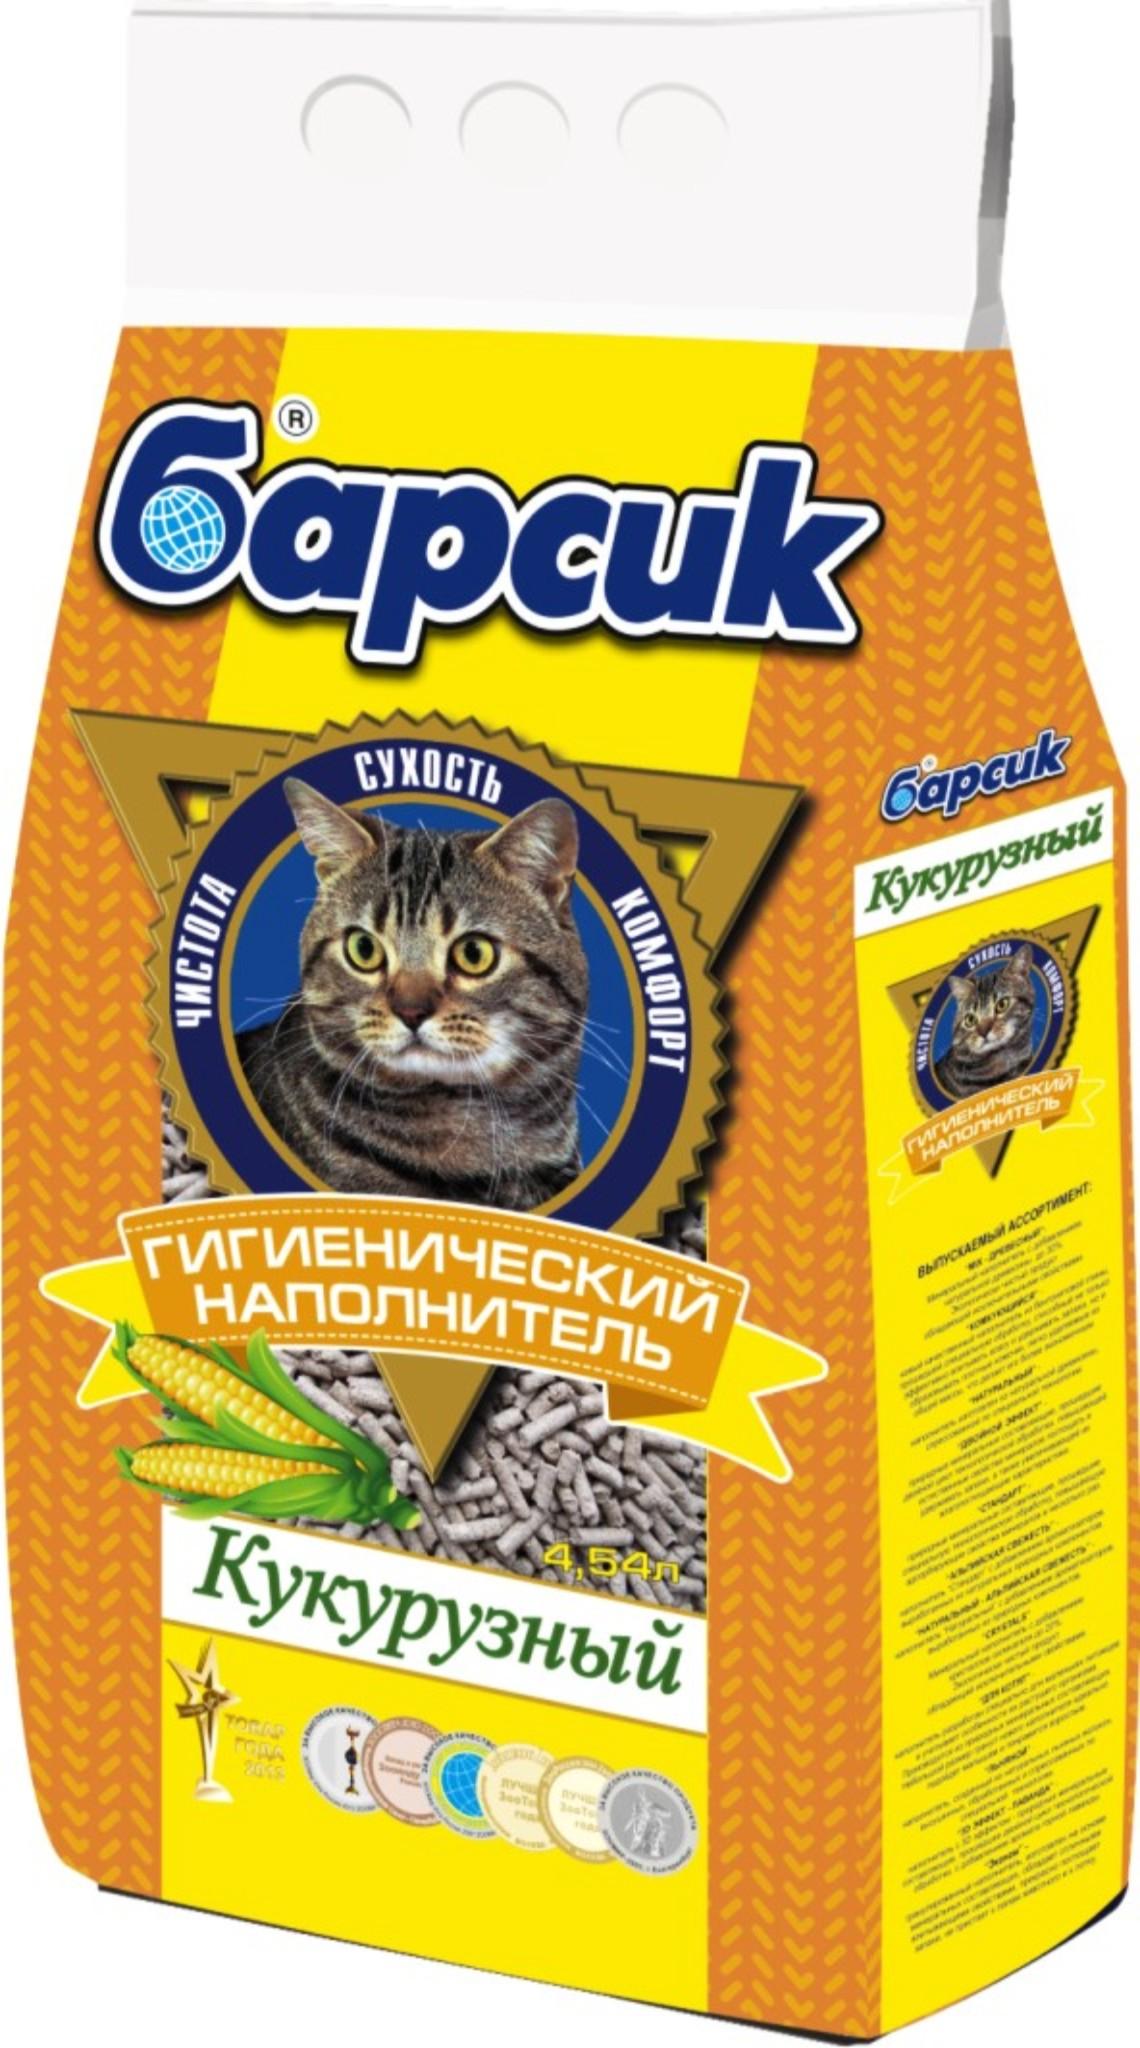 """Барсик Наполнитель Барсик """"Кукурузный"""" (впитывающий) 4,54л 2,43кг (уп3) 92070 Kormberi.ru магазин товаров для ваших животных"""